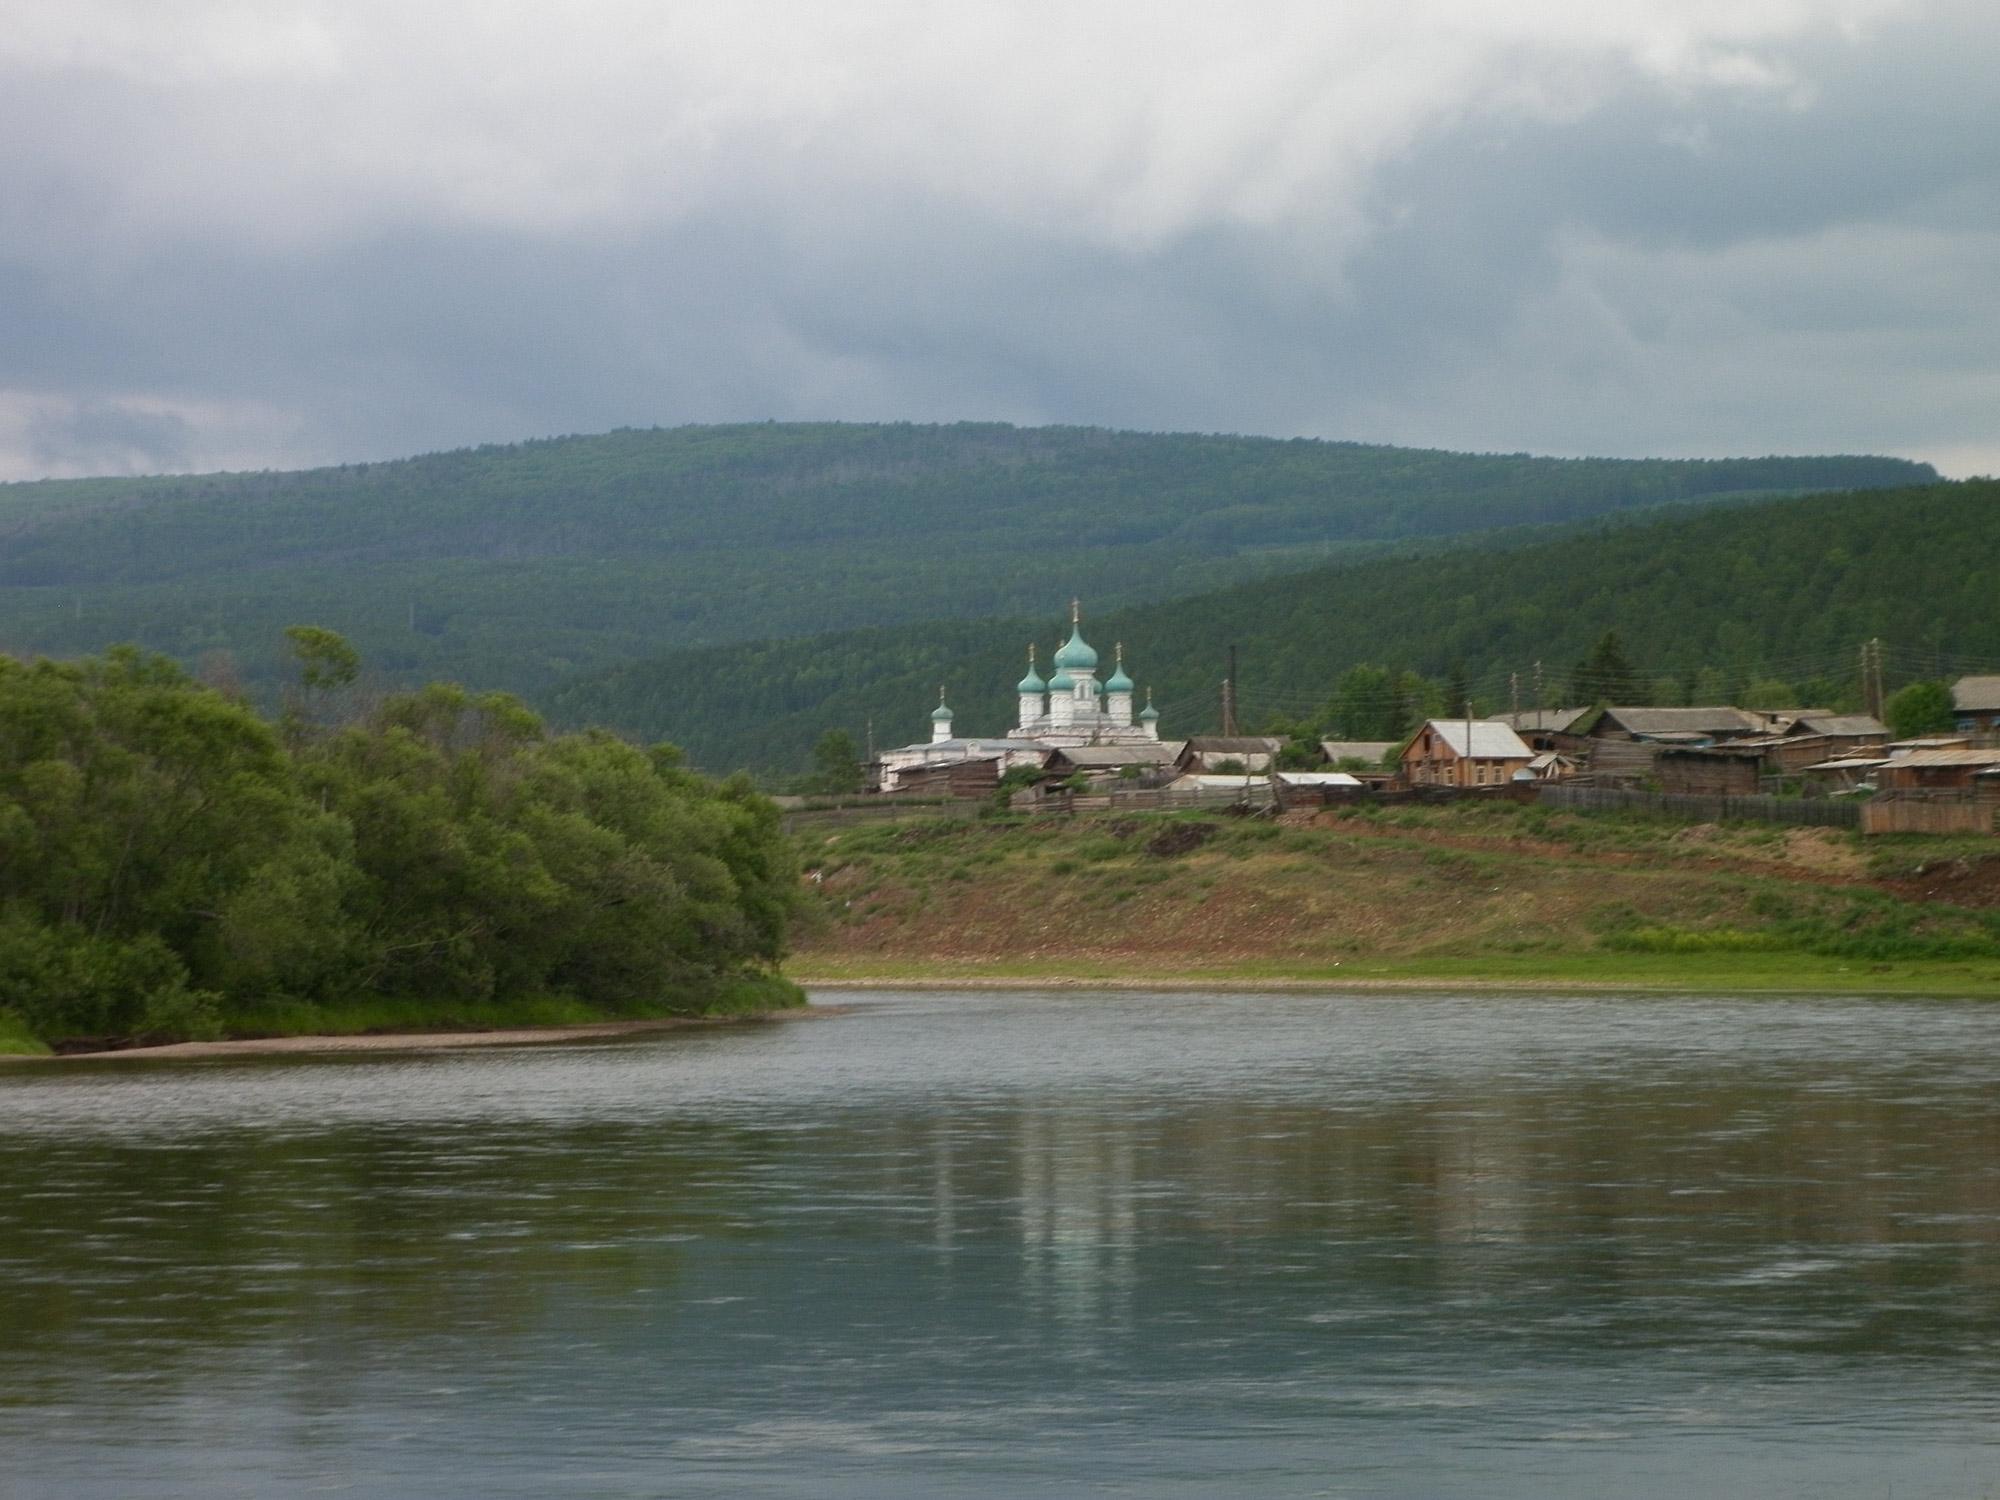 Село Верхнеленск